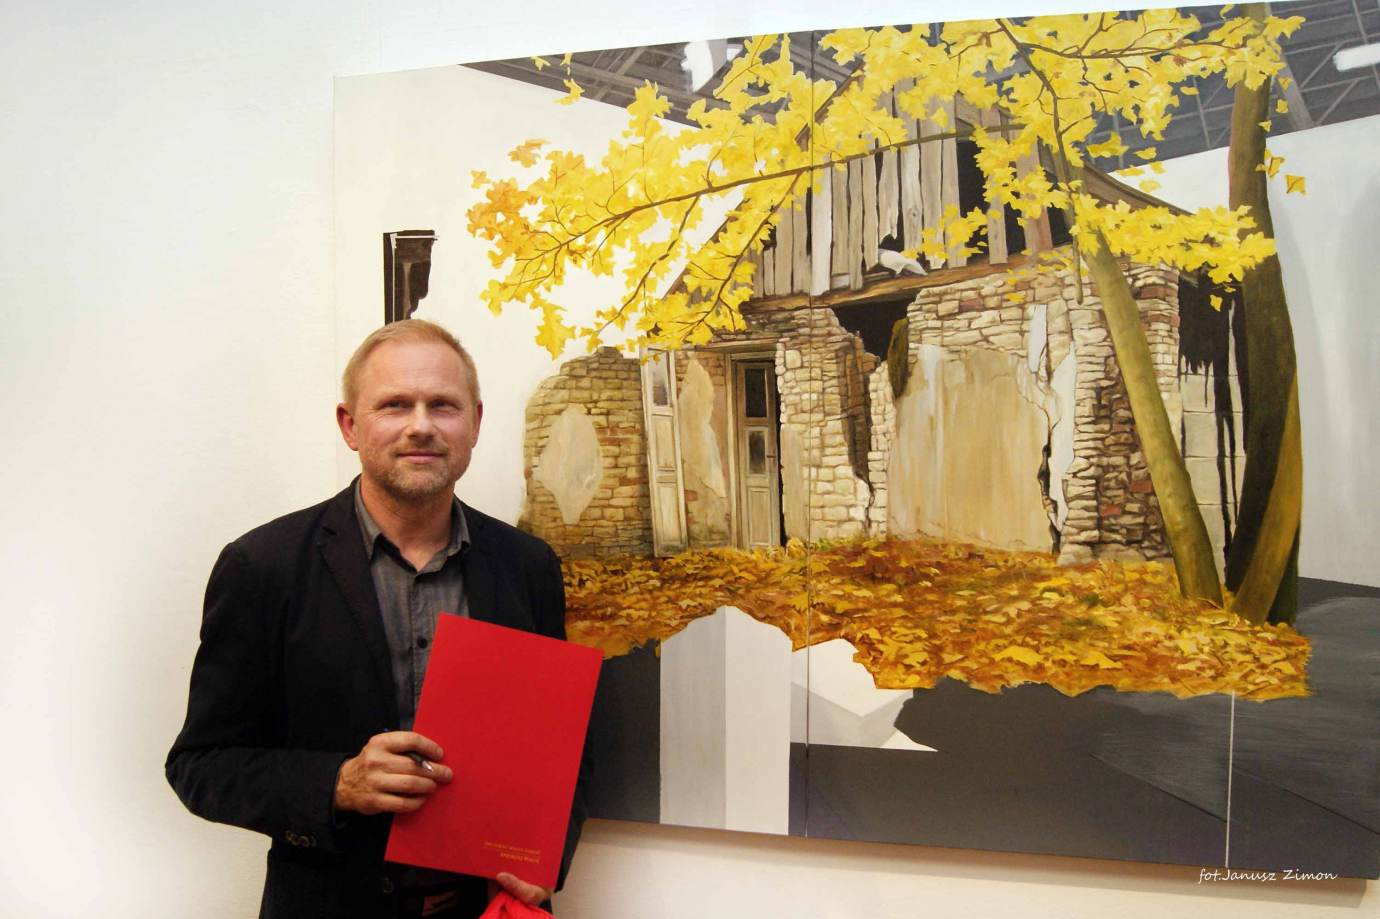 piotr tymochowicz bwa galeria zamojska fot janusz zimon 24 Zamość: Wernisaż wystawy Piotra Tymochowicza